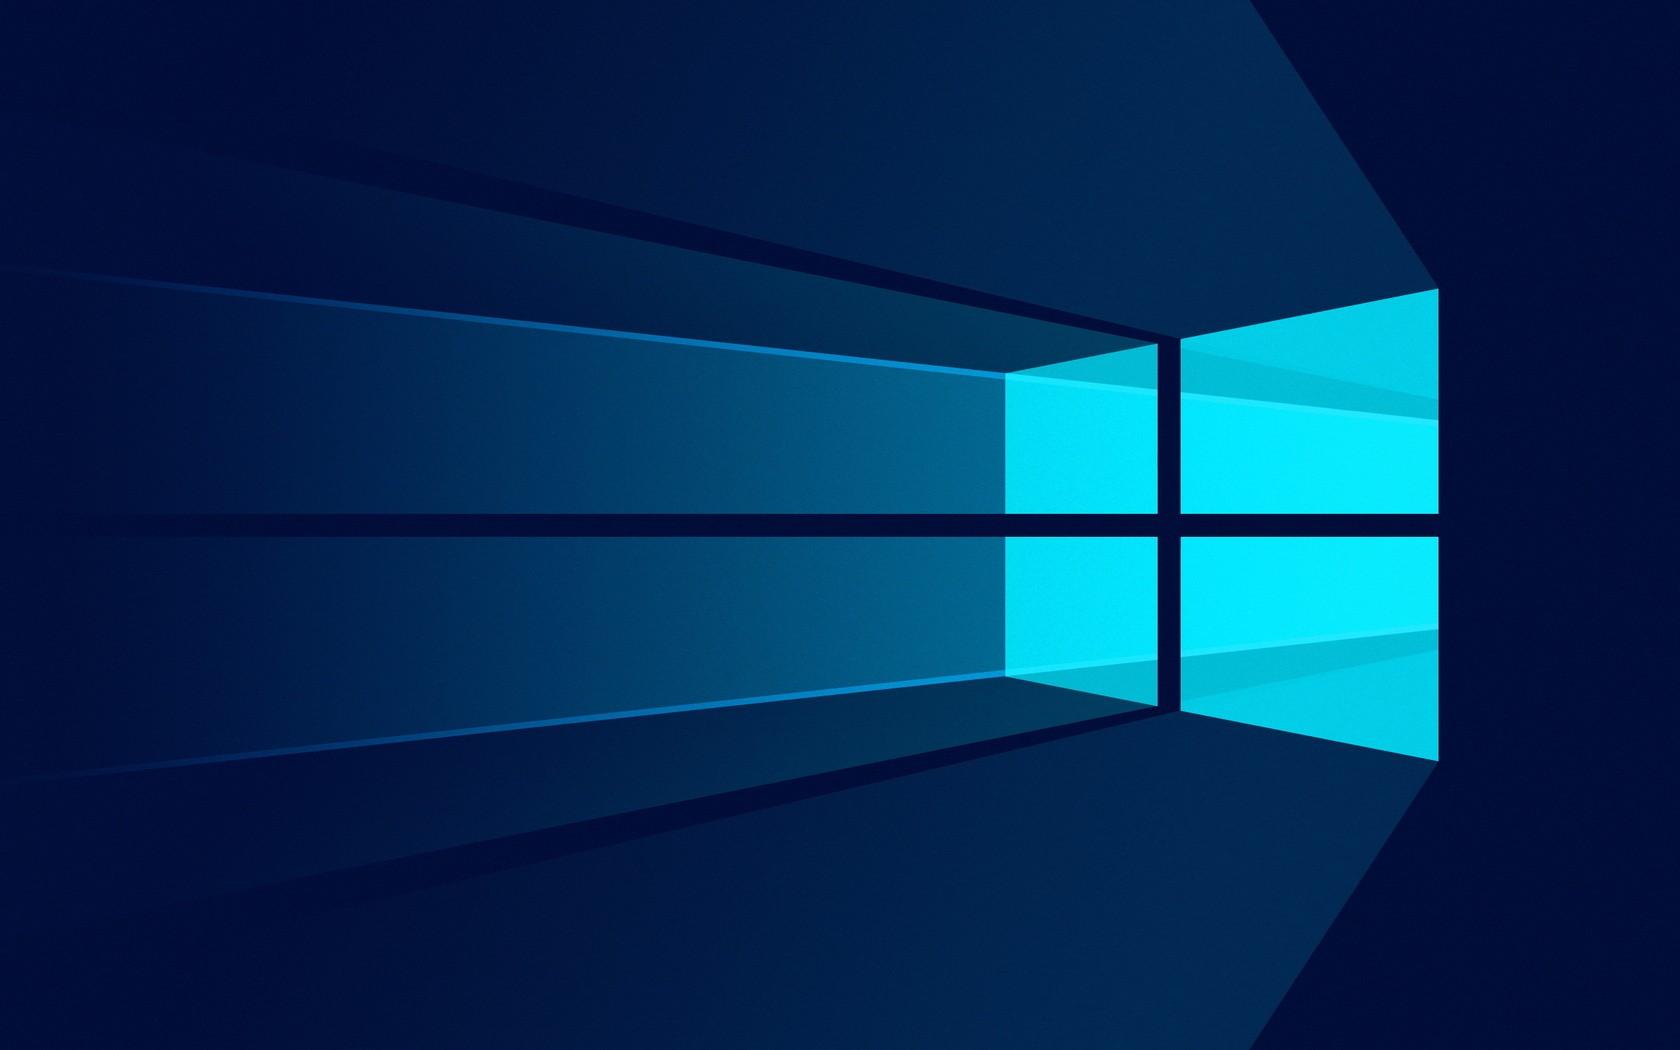 ВWindows 10 появится собственный дизайнерский язык Project NEON